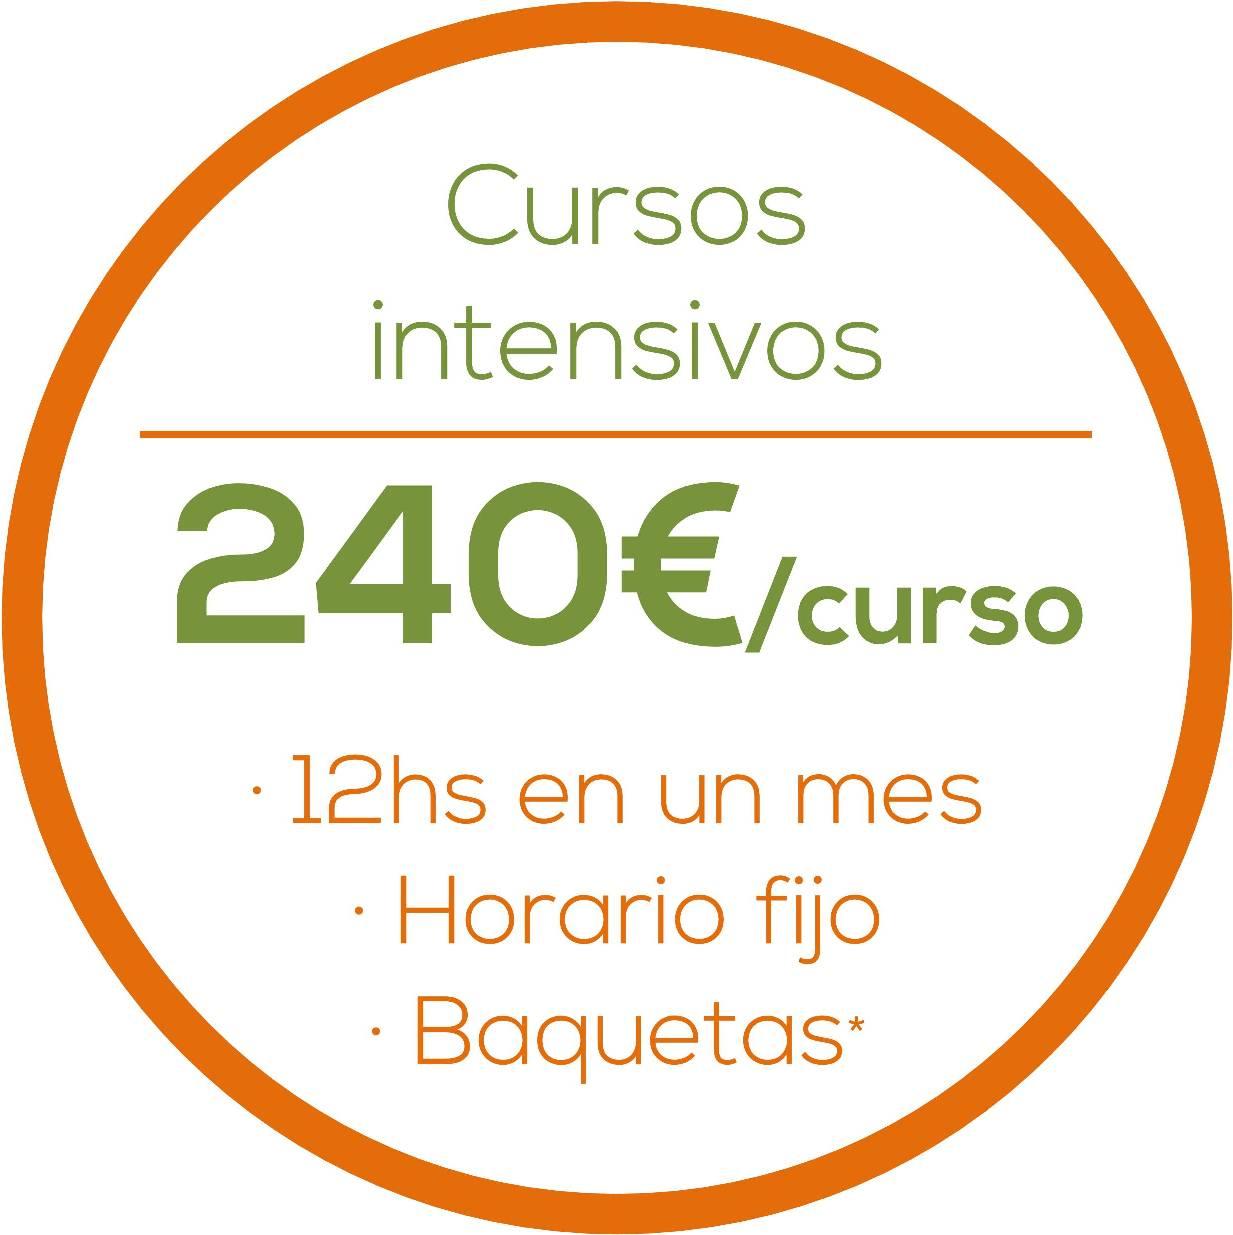 Cursos intensivos, 240€/curso, 12hs/mes, Horario fijo, Baquetas gratis www.happyfrogdrums.com